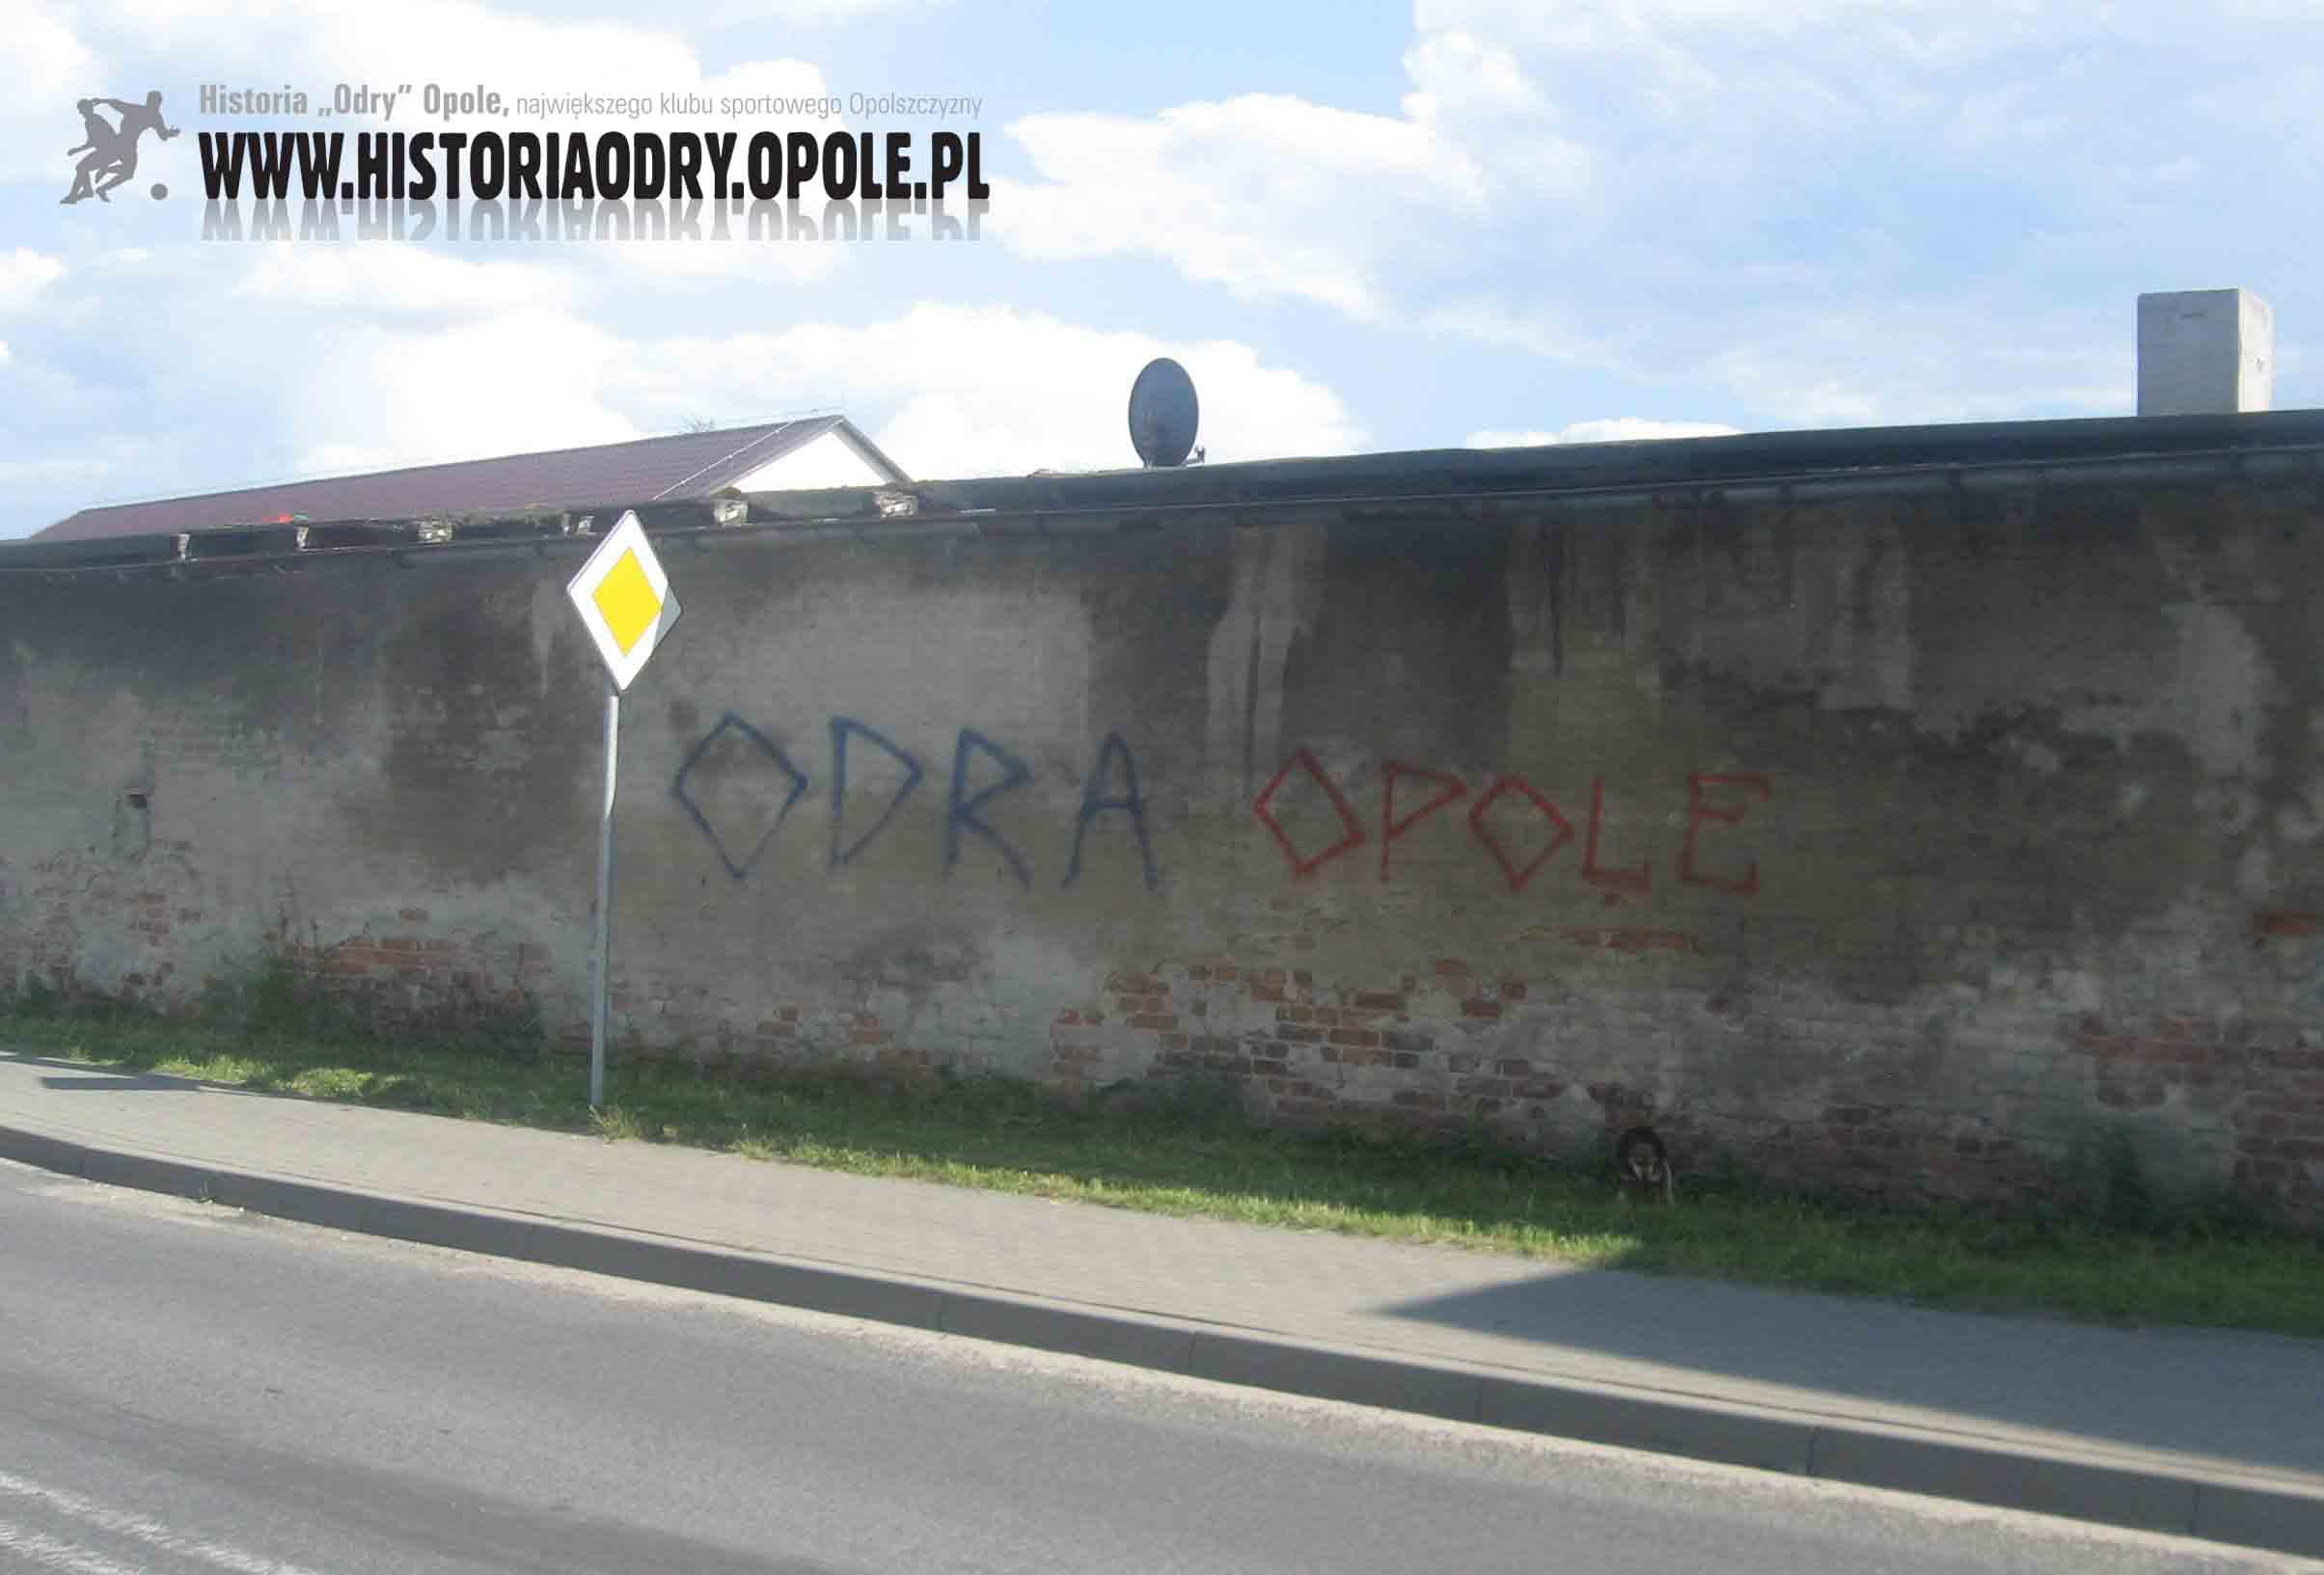 Napisy-graffiti w Kolonowskiem (przy drodze wojewódzkiej nr 463).